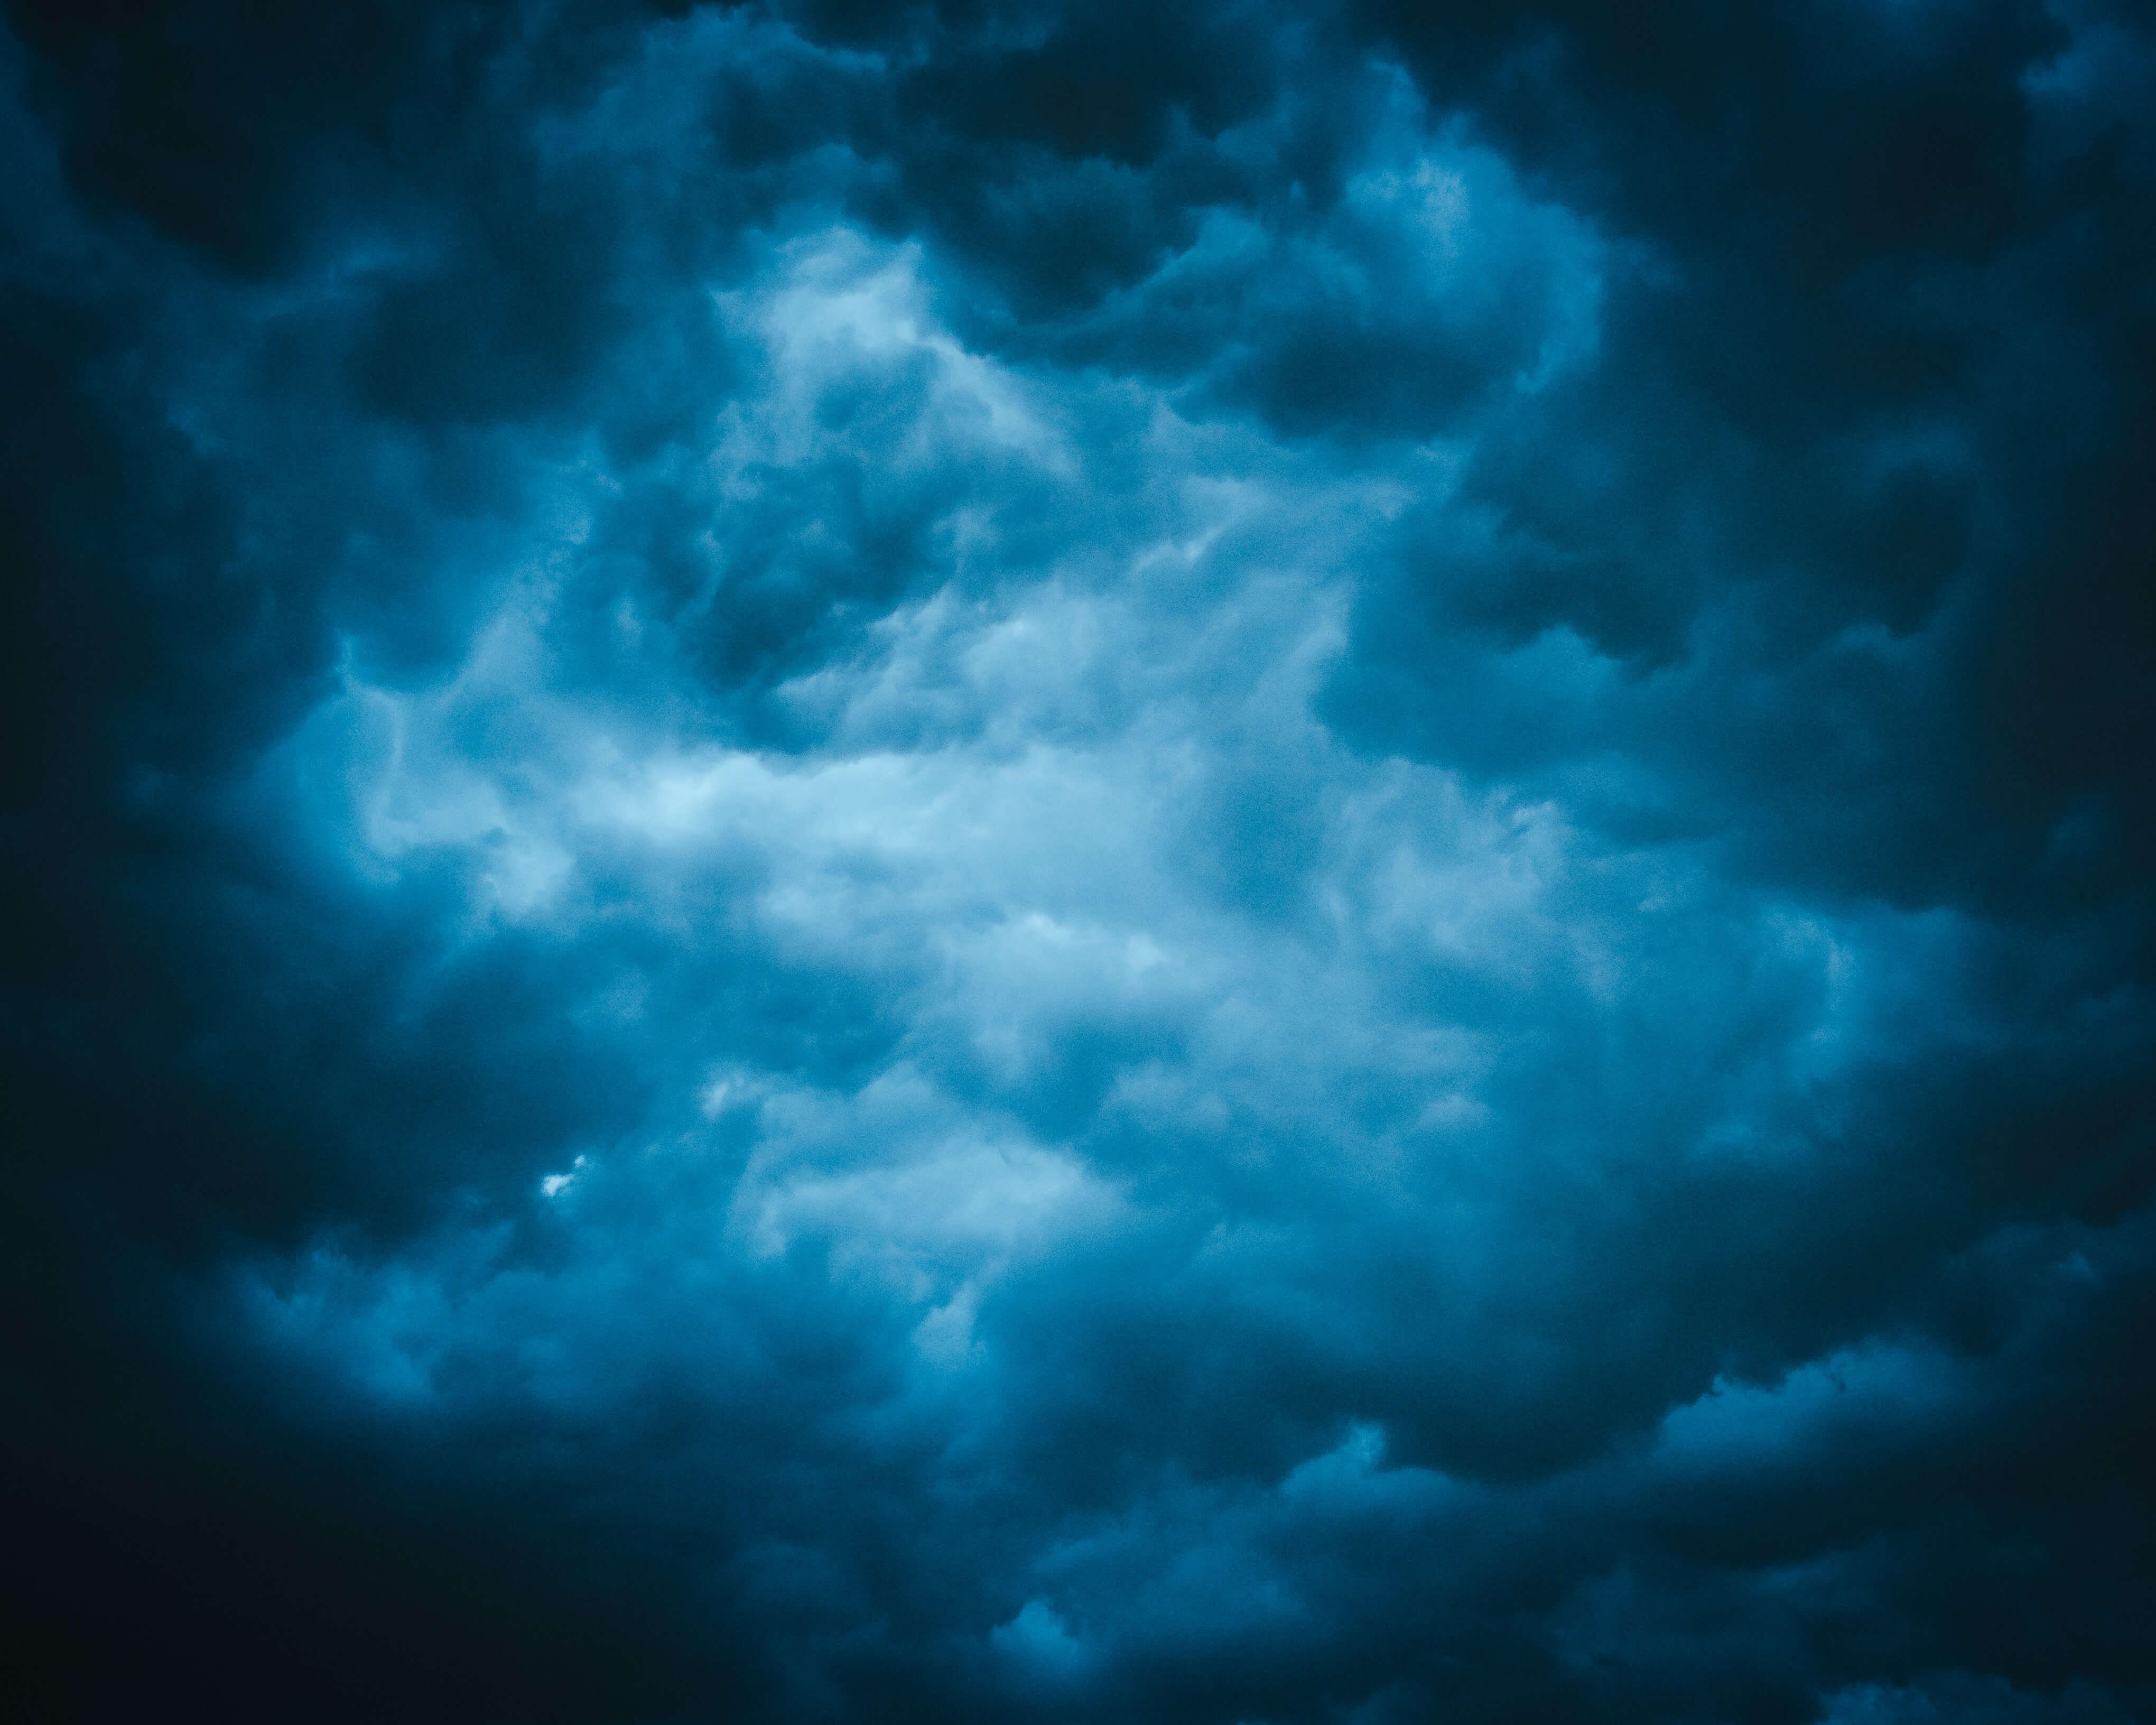 Элли и унесённый домик: что делать, если в отпуске застал ураган